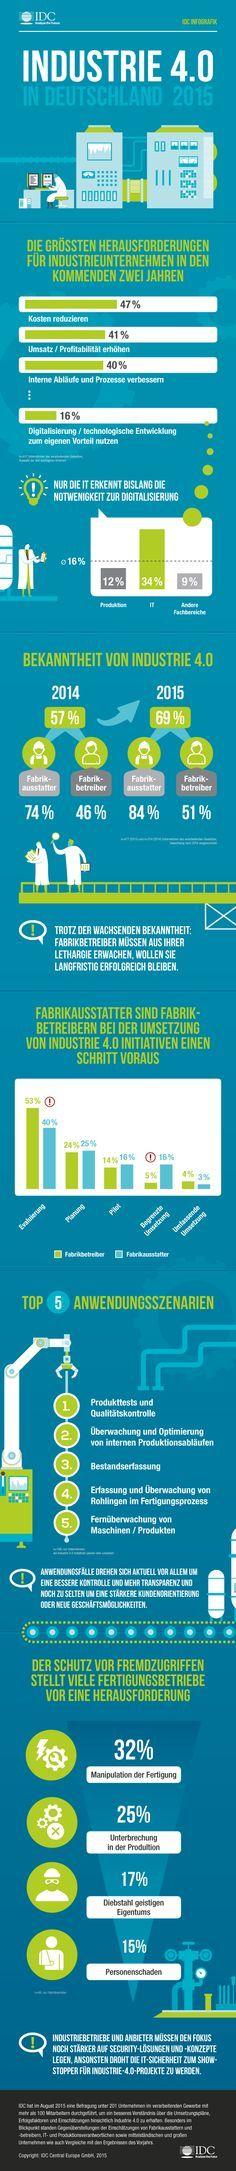 Industrie 4.0 in Deutschland: Nur jeder achte Produktionsverantwortliche sieht Notwendigkeit   Kroker's Look @ IT